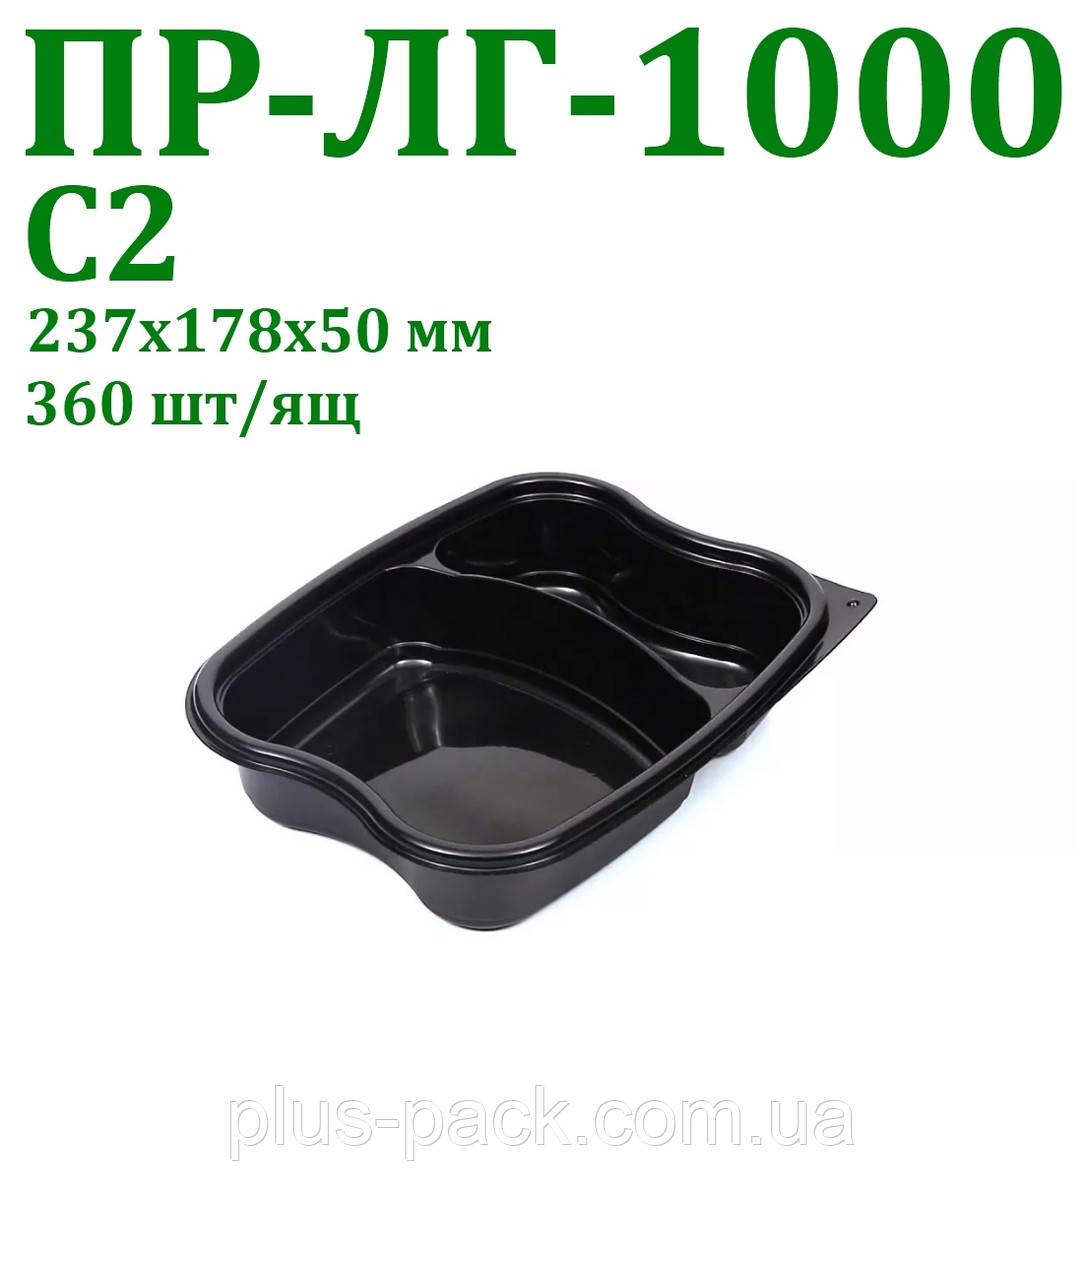 Упаковка для салату ПР-ЛГ-1000 С2 на два ділення (1000 мл), прямокутний, одноразовий, 360шт/ящ